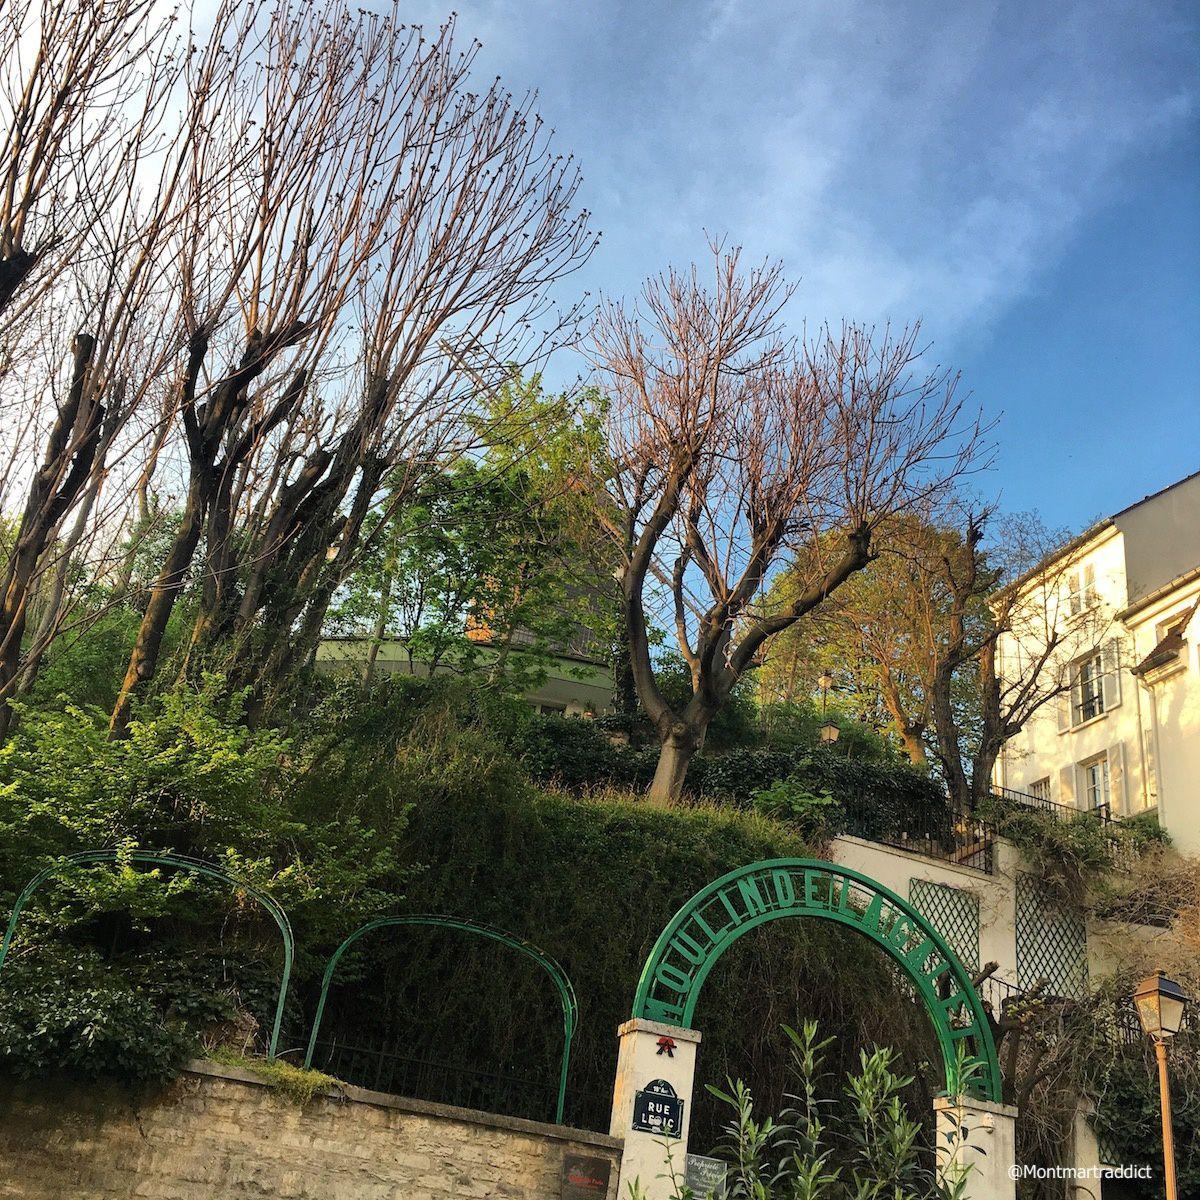 06. Ça sent l'été à Montmartre, 75018